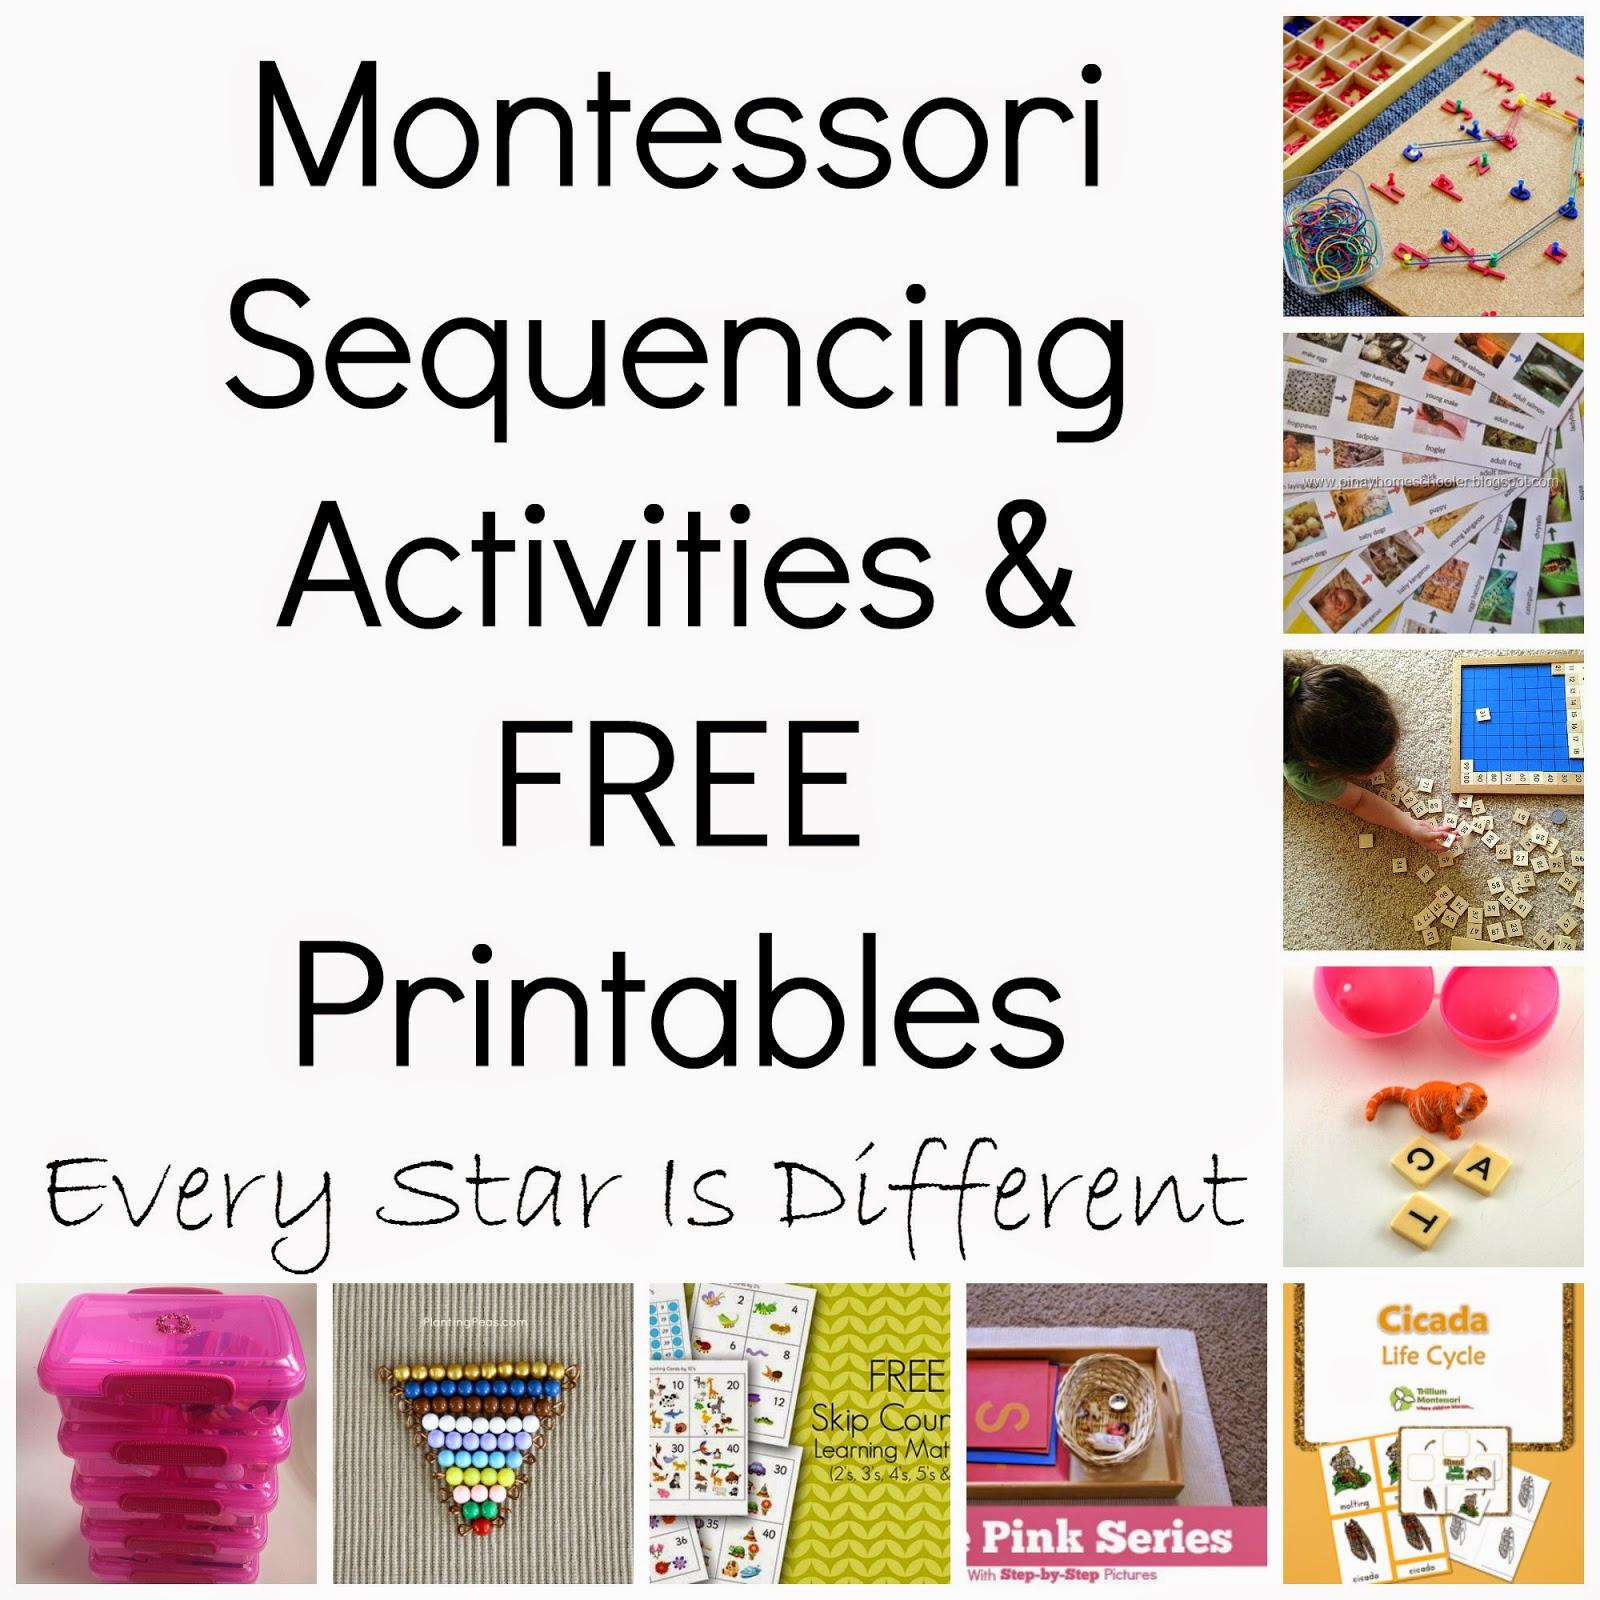 Montessori-Inspired Sequencing Activities & Free Printables (Klp - Free Printable Sequencing Cards For Preschool